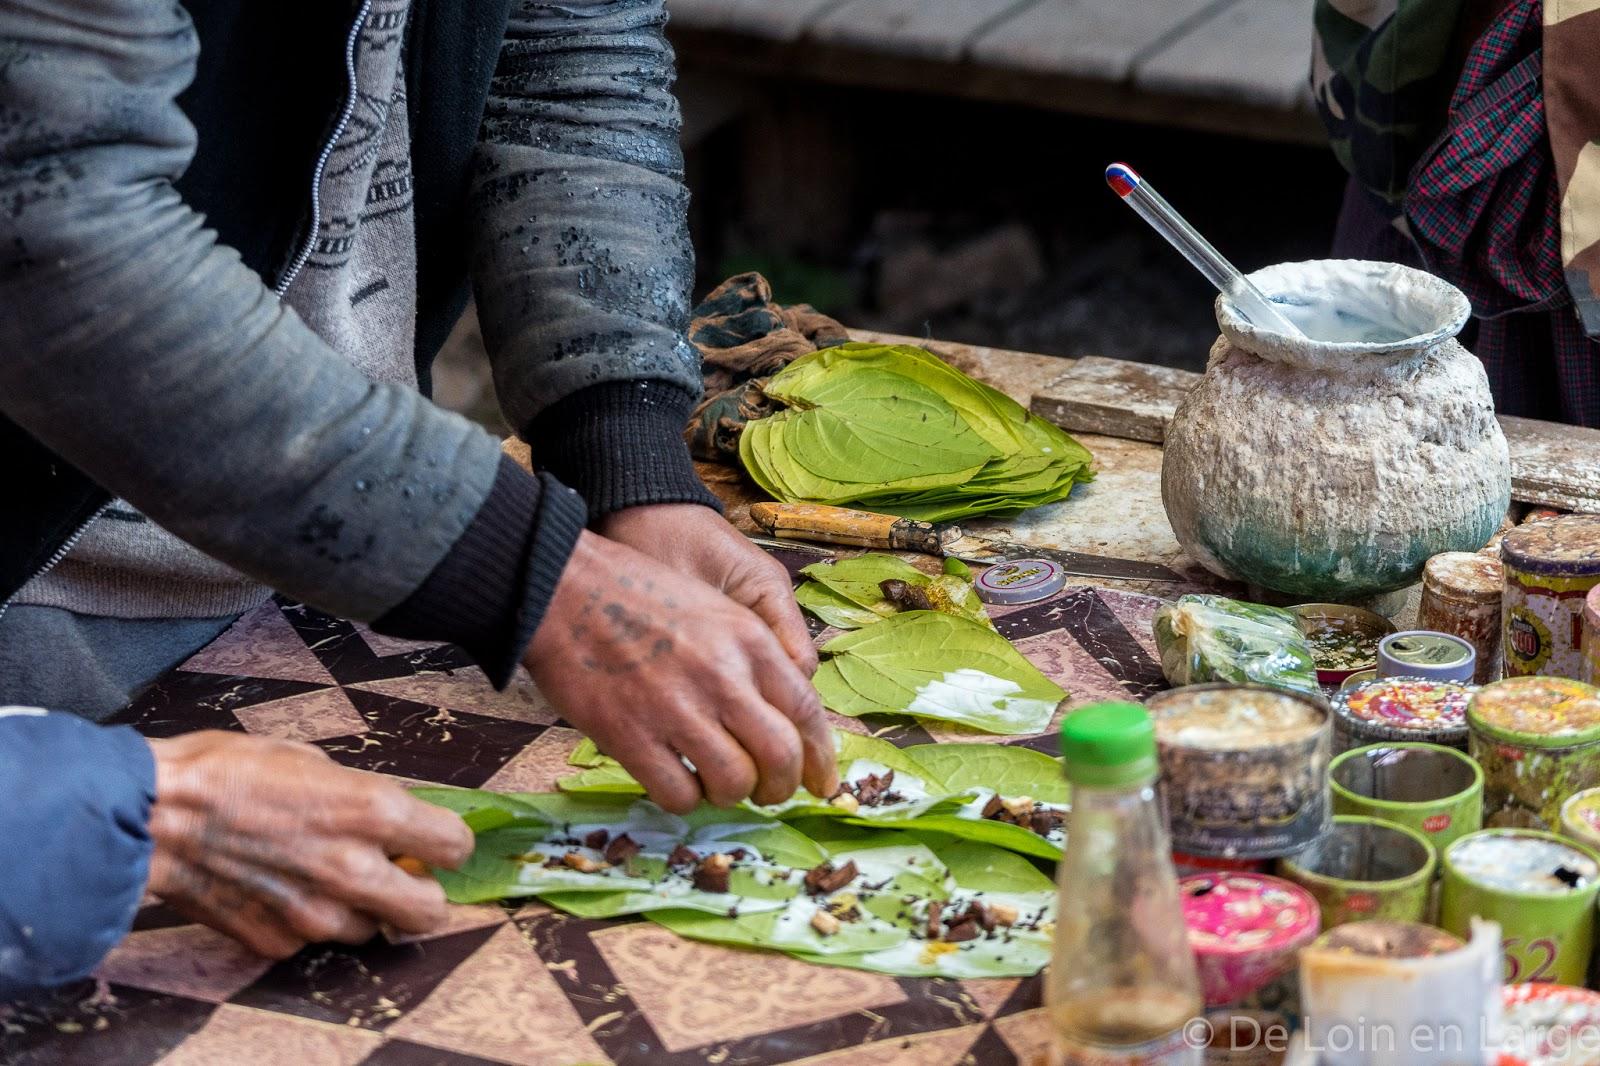 birmanie jour 8 lac inle merveilles de nampan et du lac sankar. Black Bedroom Furniture Sets. Home Design Ideas